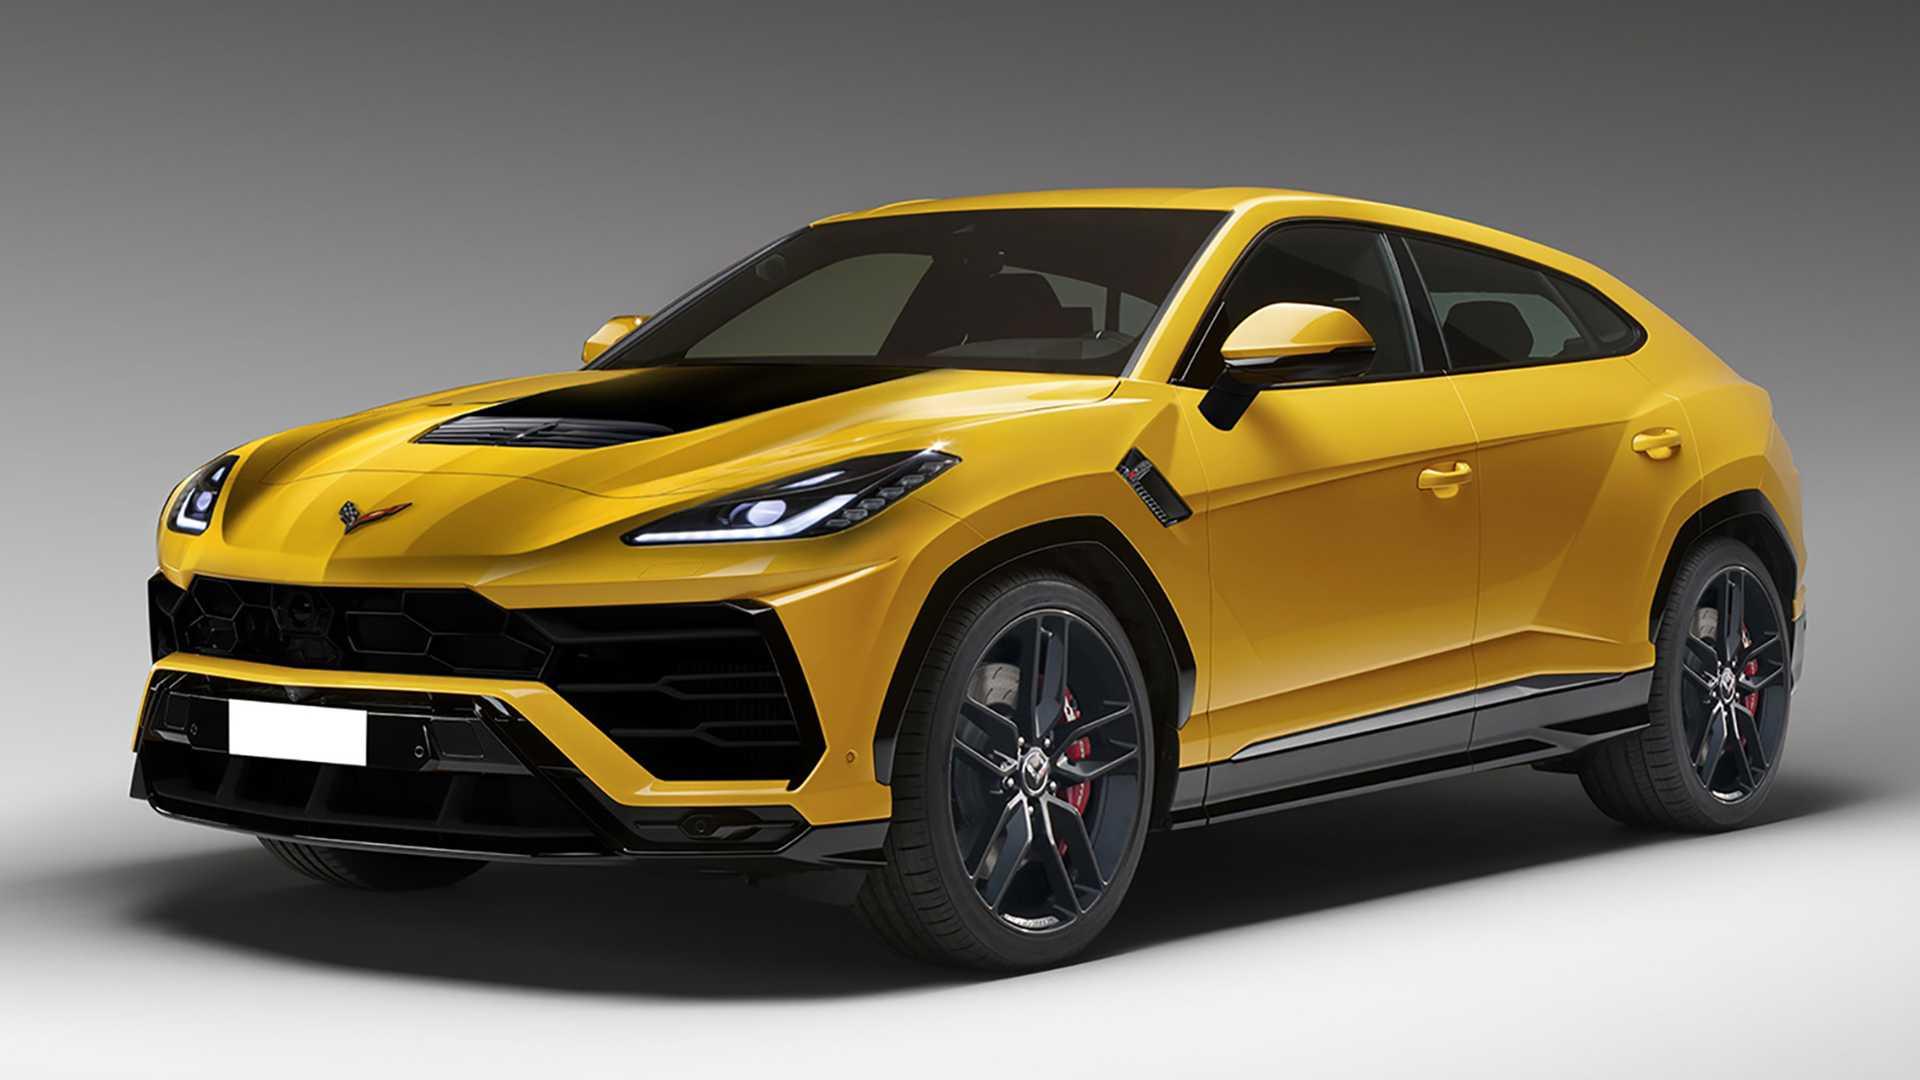 Un SUV inspirado en el Corvette podría tener futuro, y tendrá este aspecto